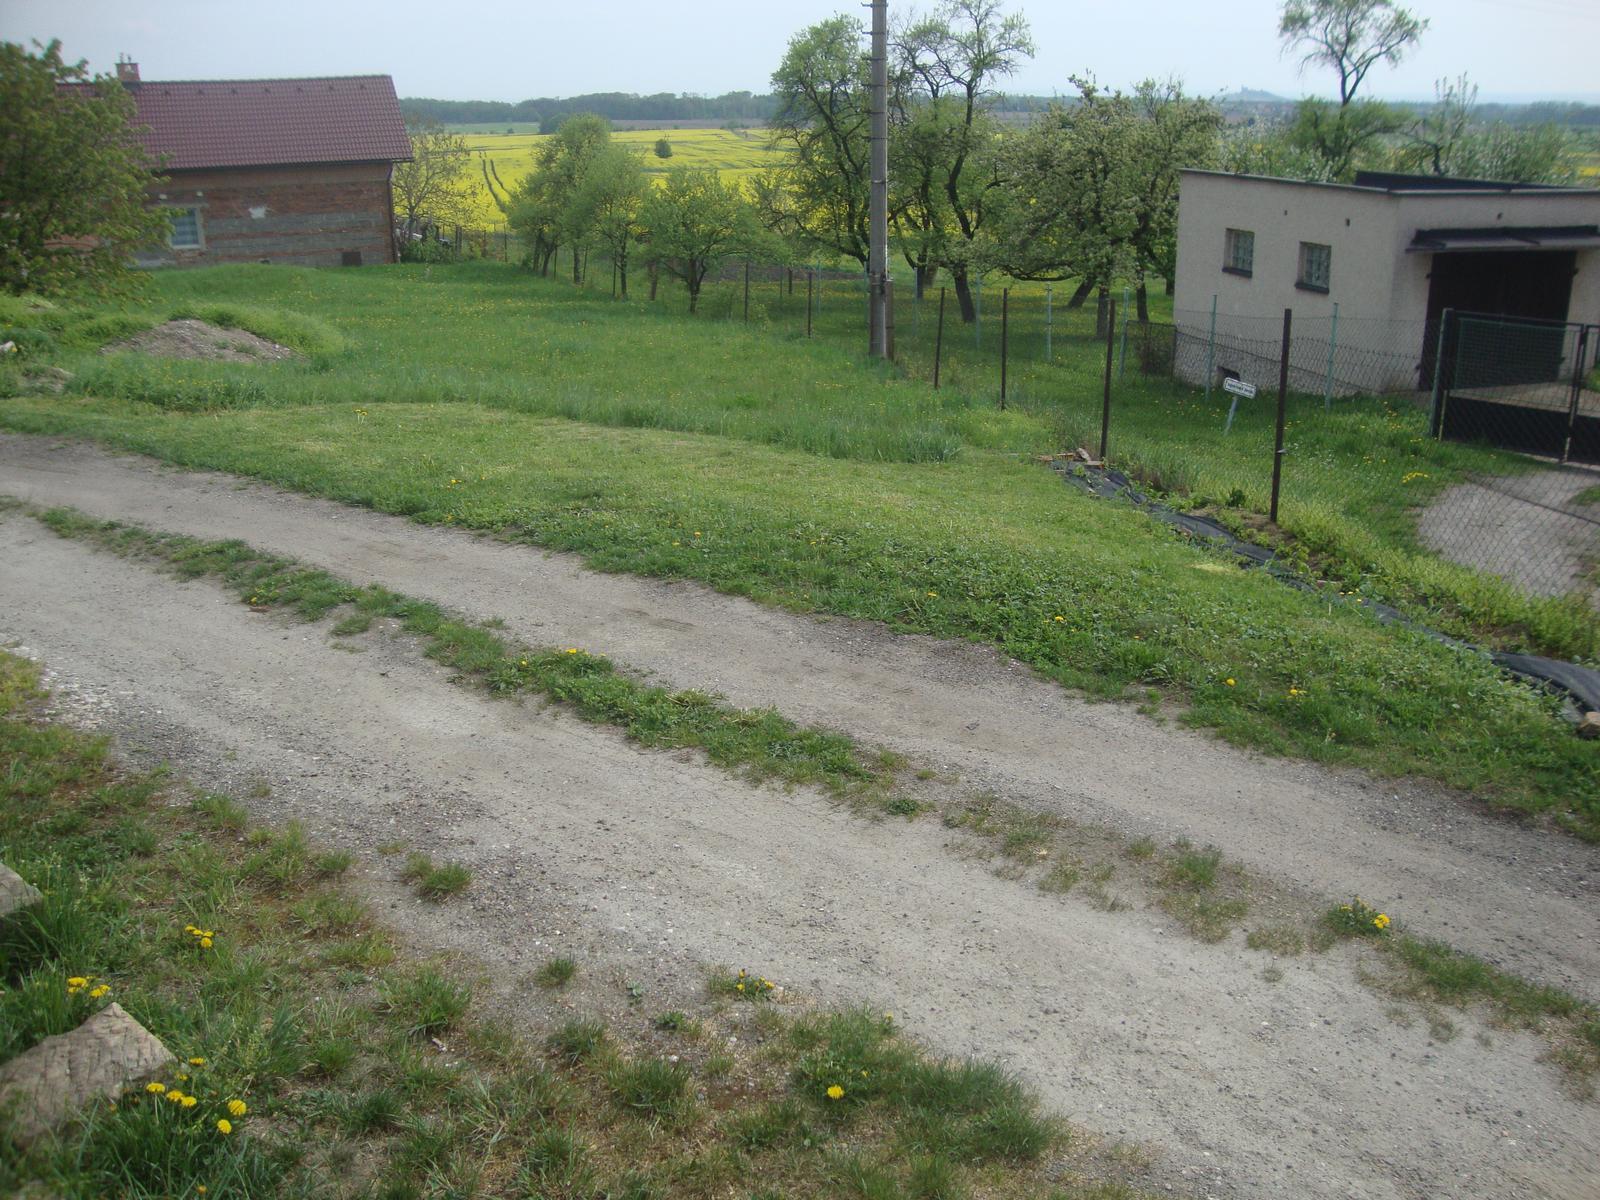 Venku (tam kde už to nevypadá jako staveniště) - naše zahrada (končí cca 4 m za tím betonovým sloupem, zatím vůbec nevím co si s ní počnu, je to hodně z kopce